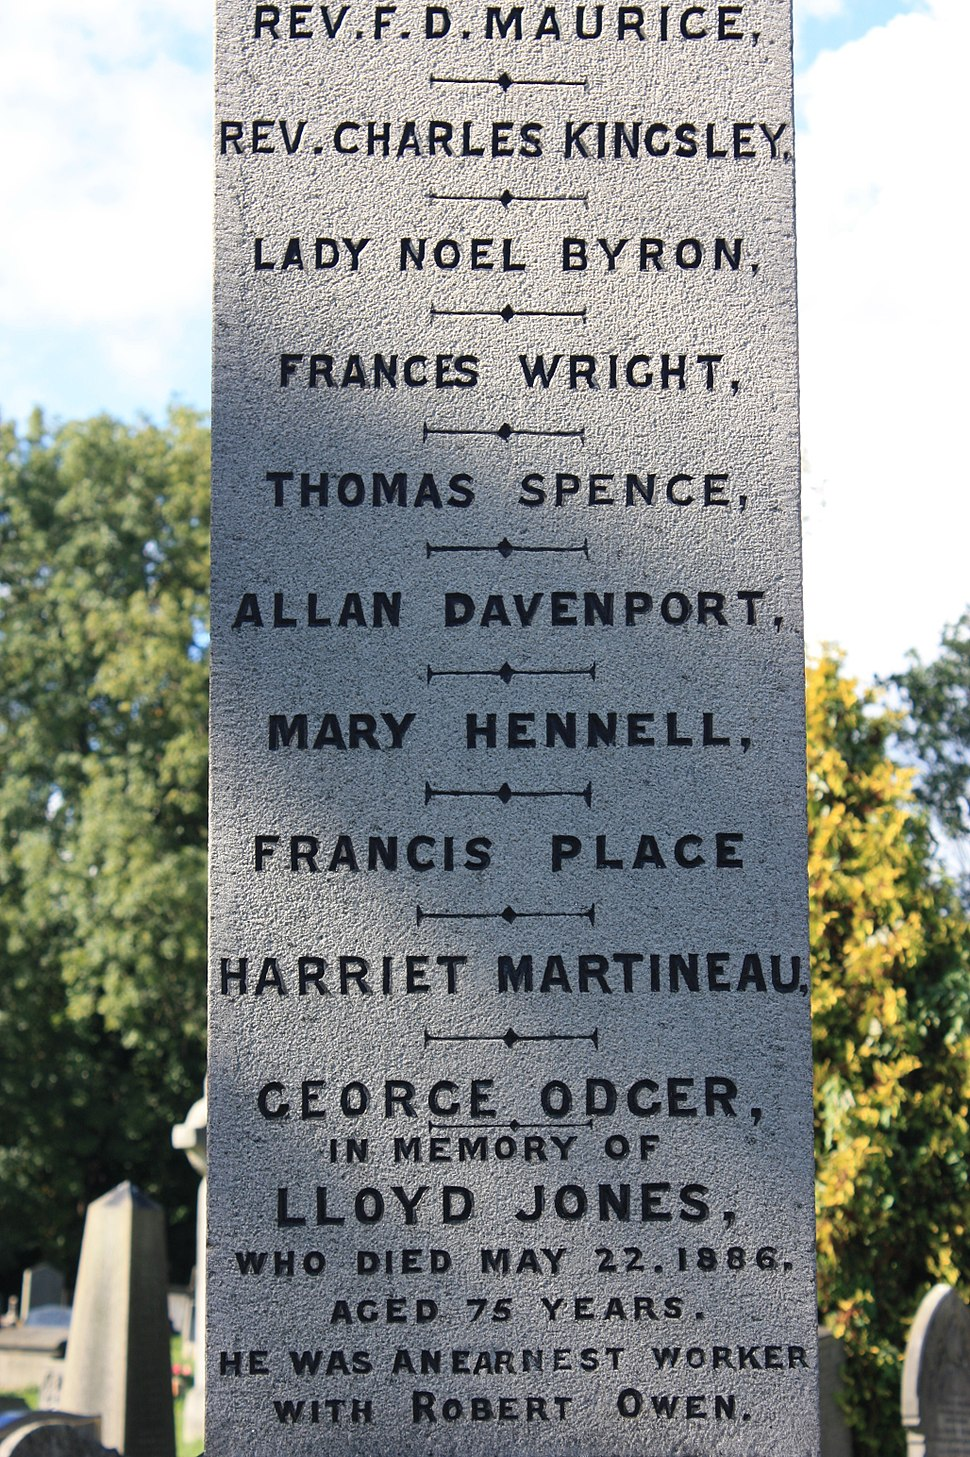 Base of the Reformers Memorial, Kensal Green Cemetery, showing Lloyd Jones